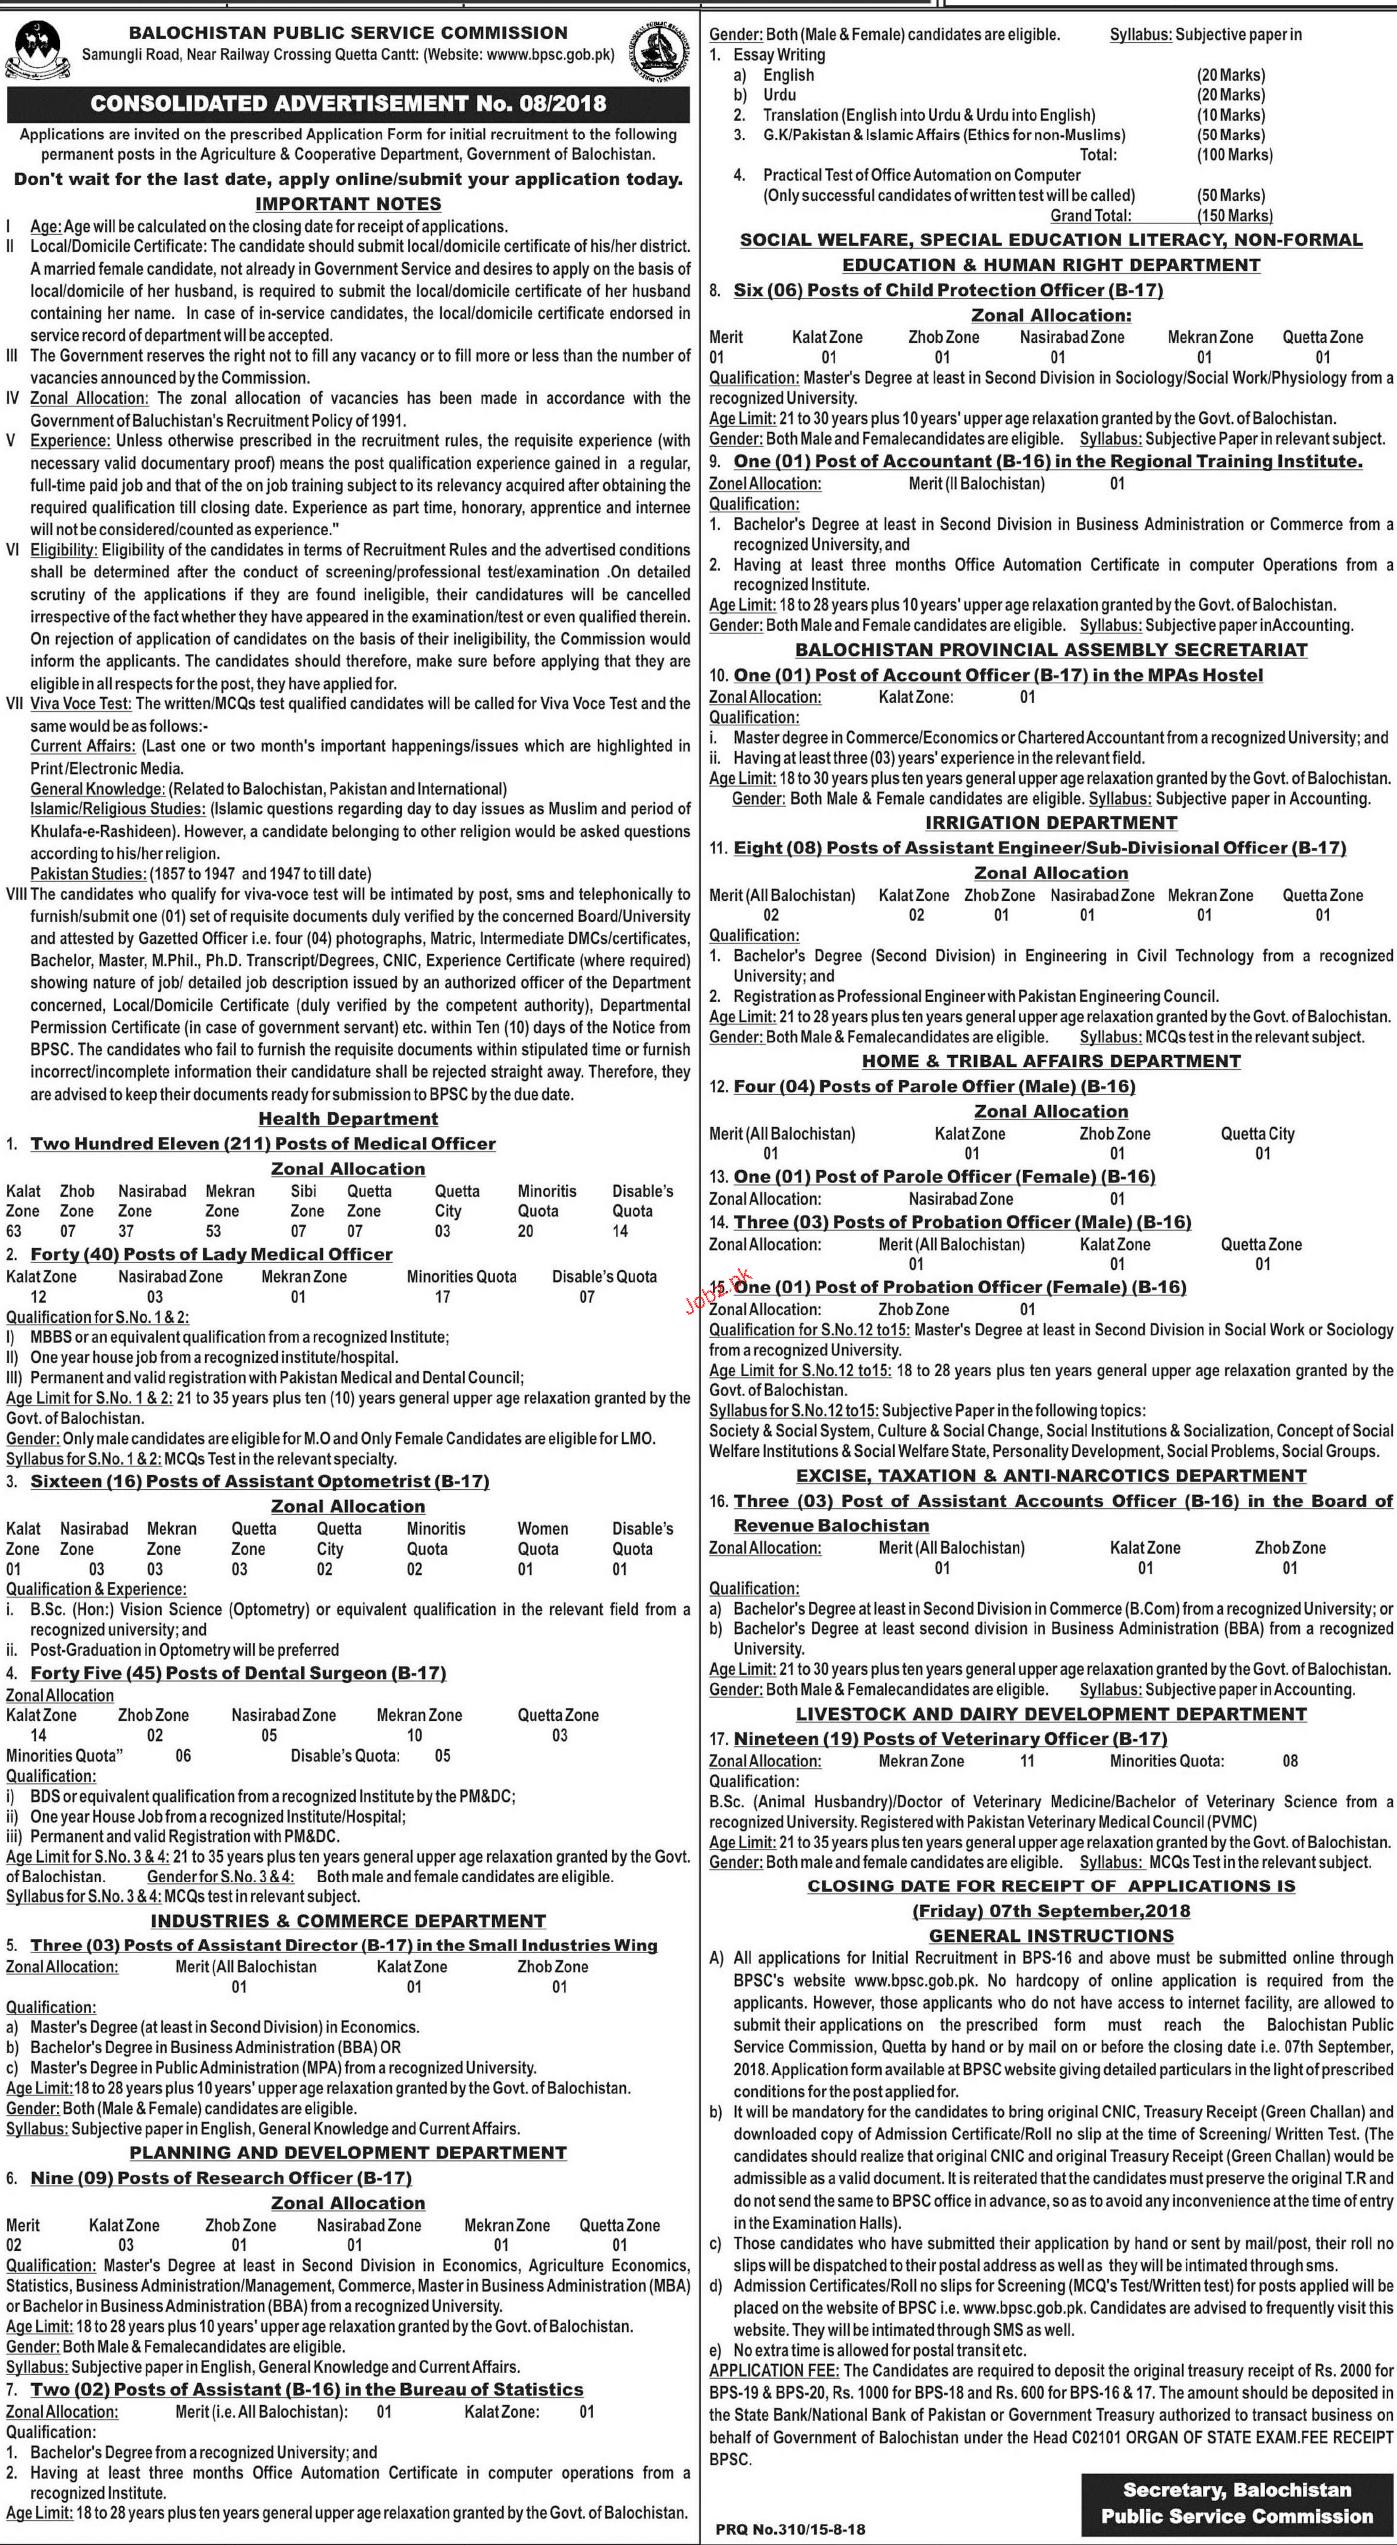 BPSC Balochistan Public Service Commission Jobs August 2018